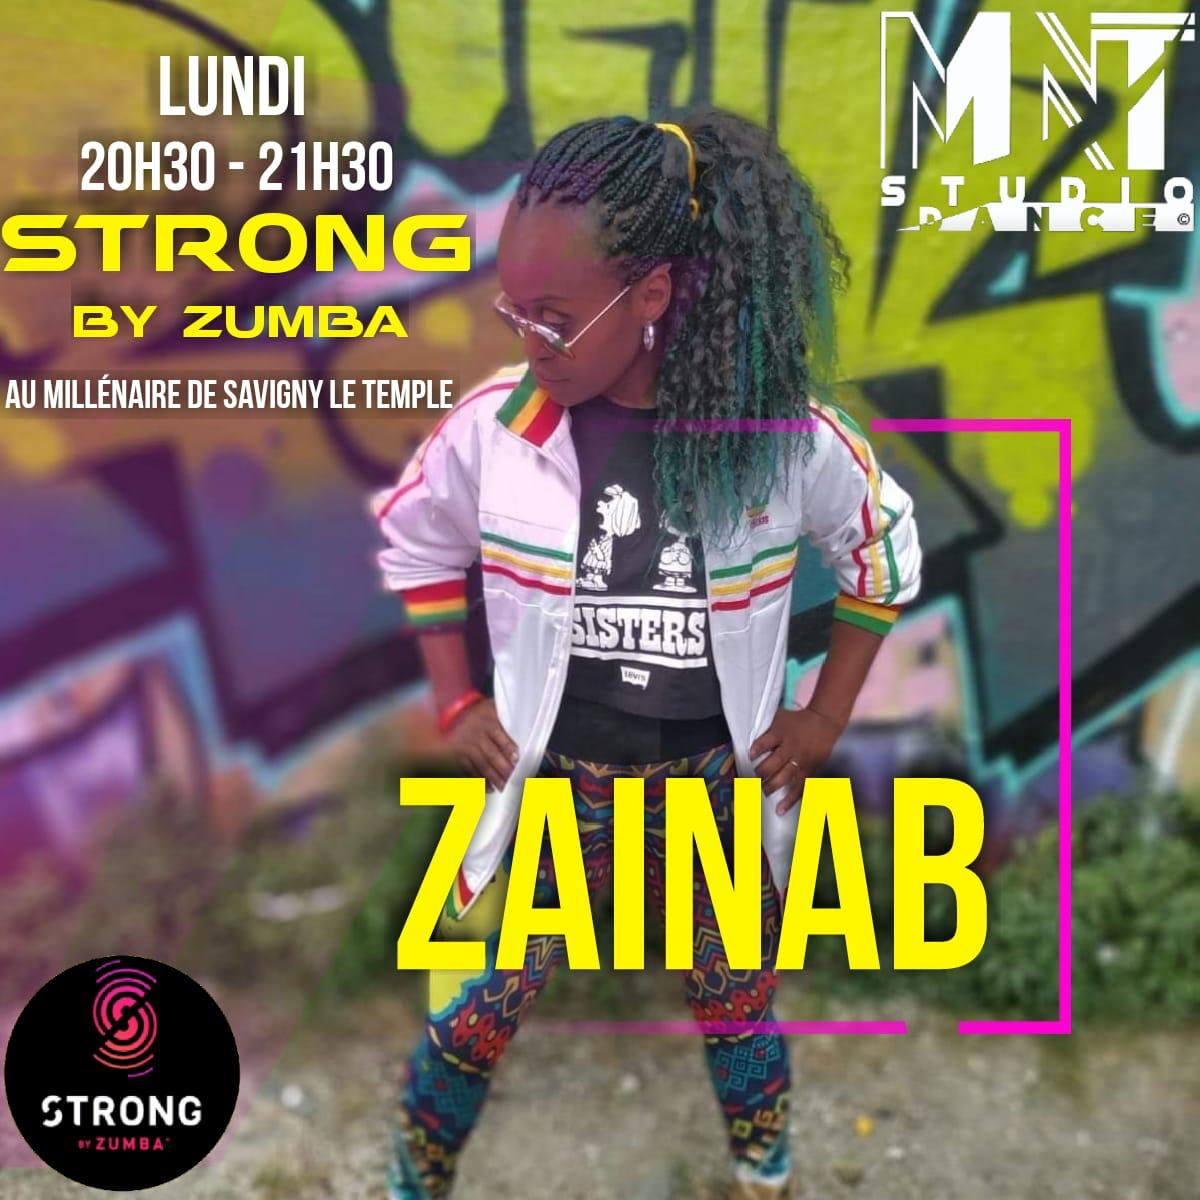 Strong By Zumba Vert Saint Denis